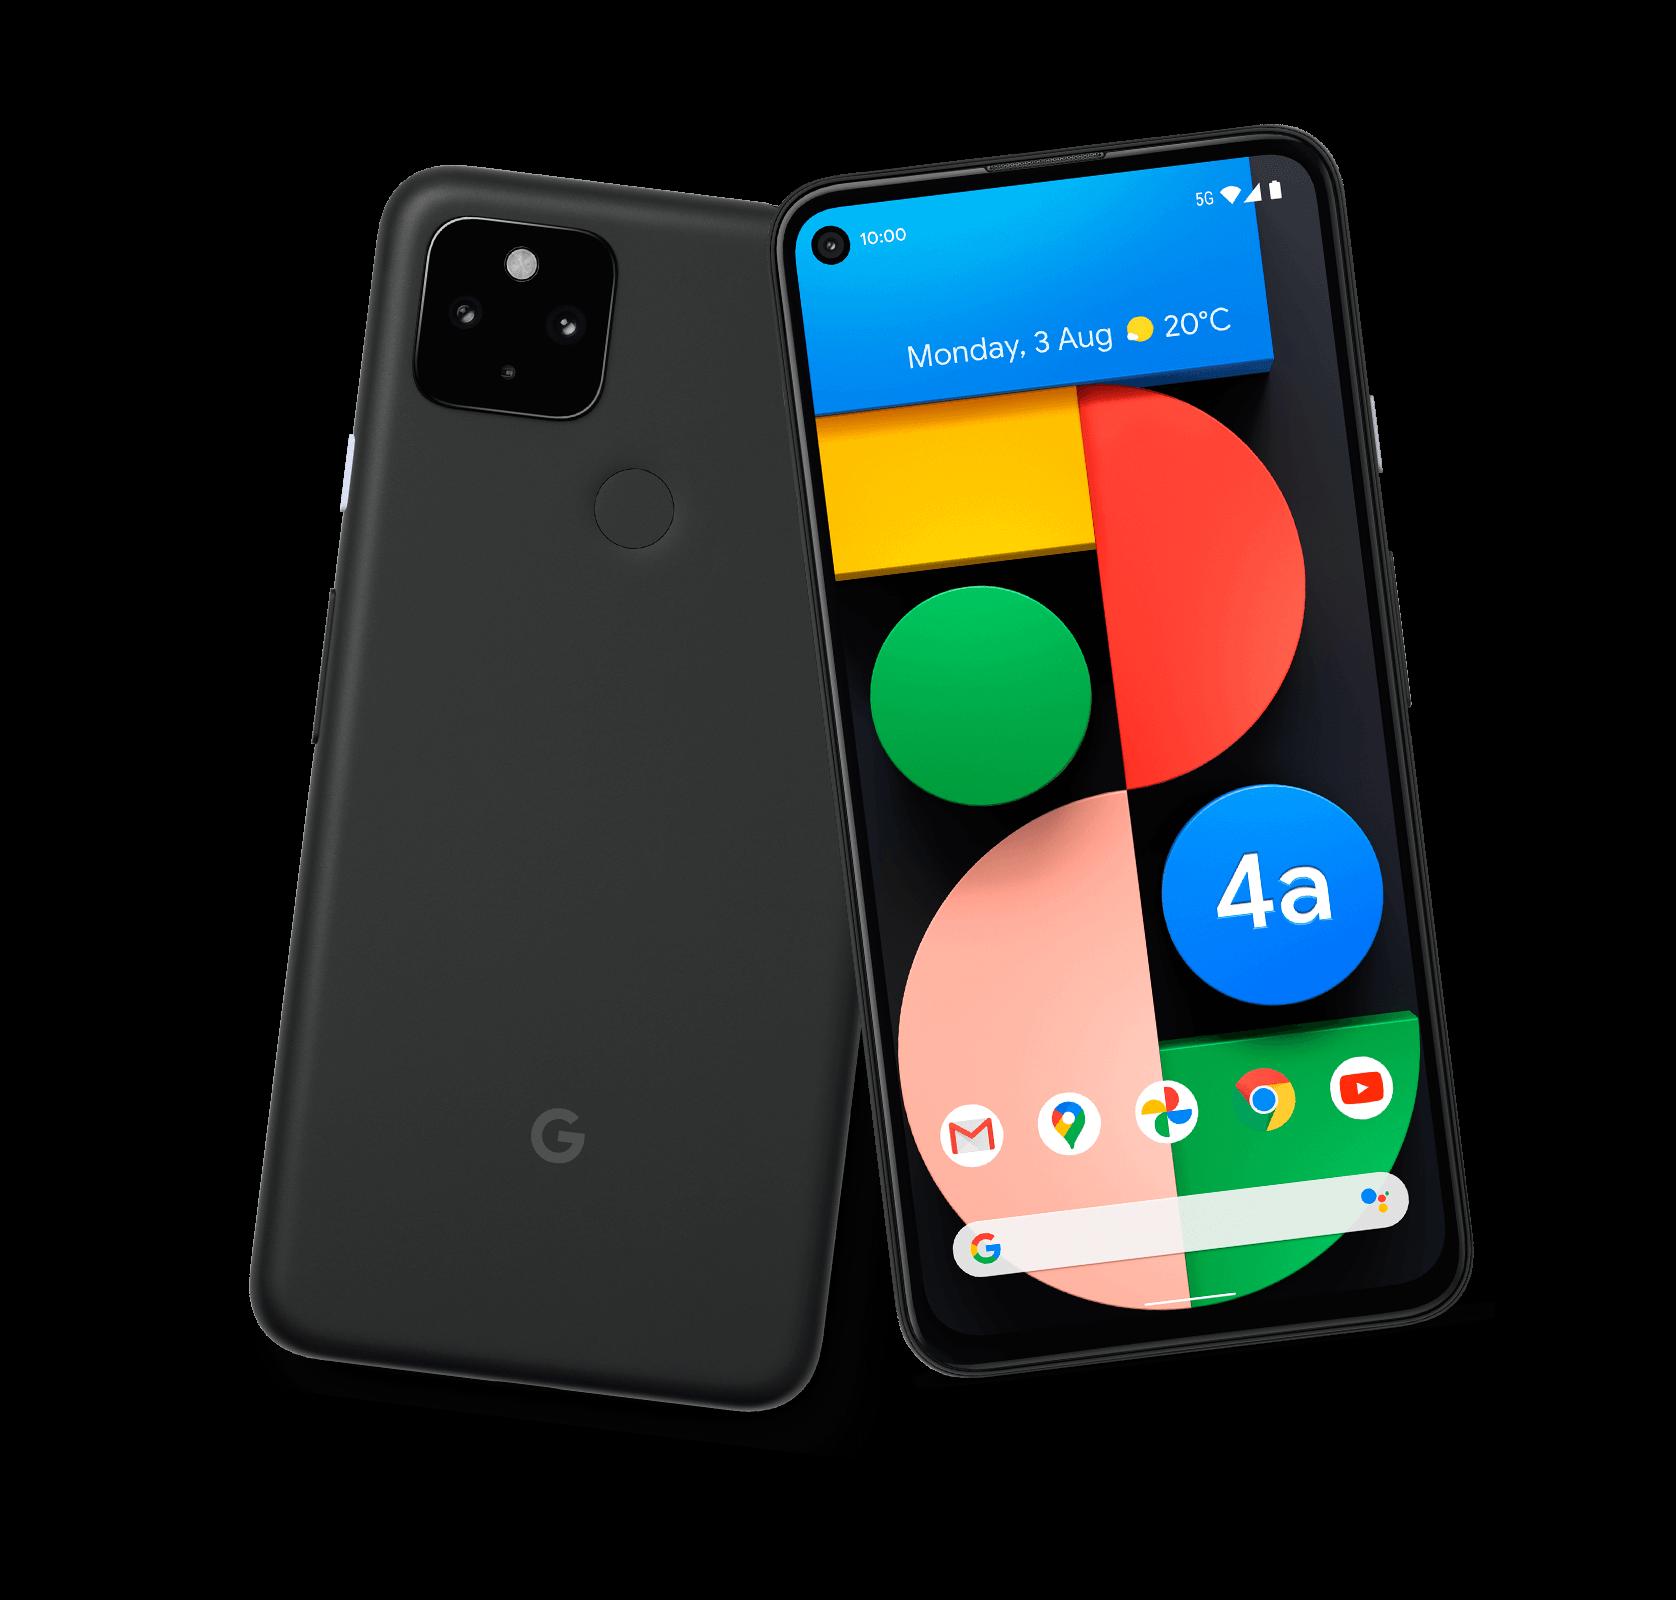 Gli sfondi ufficiali di Google Pixel 5 sono disponibili al download